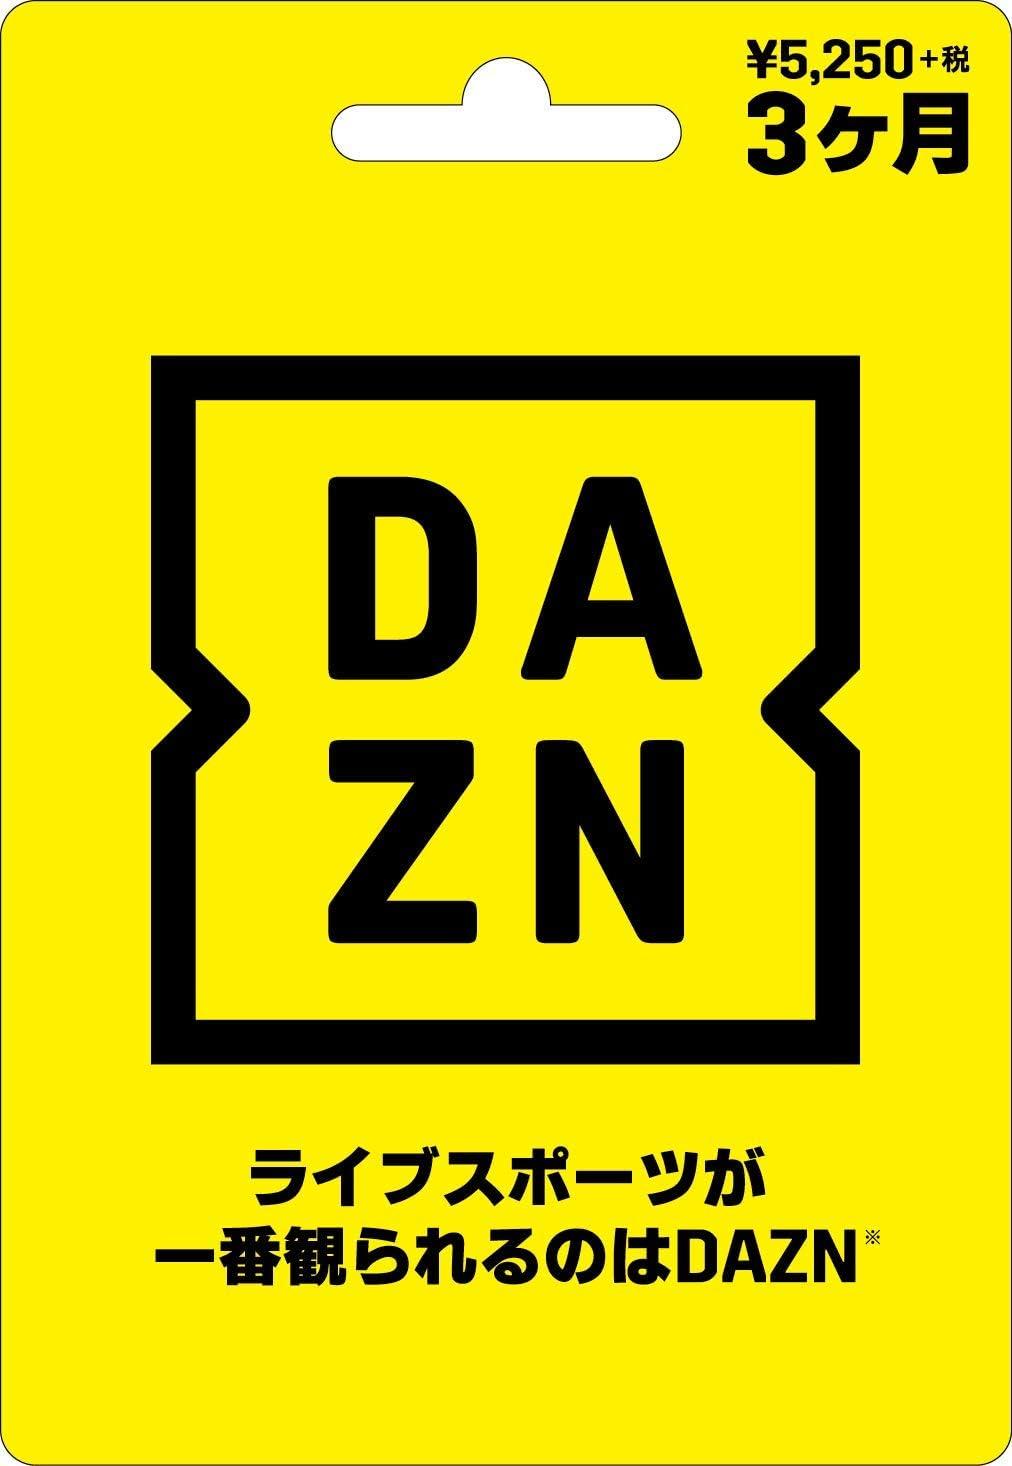 キャンペーン ダゾーン